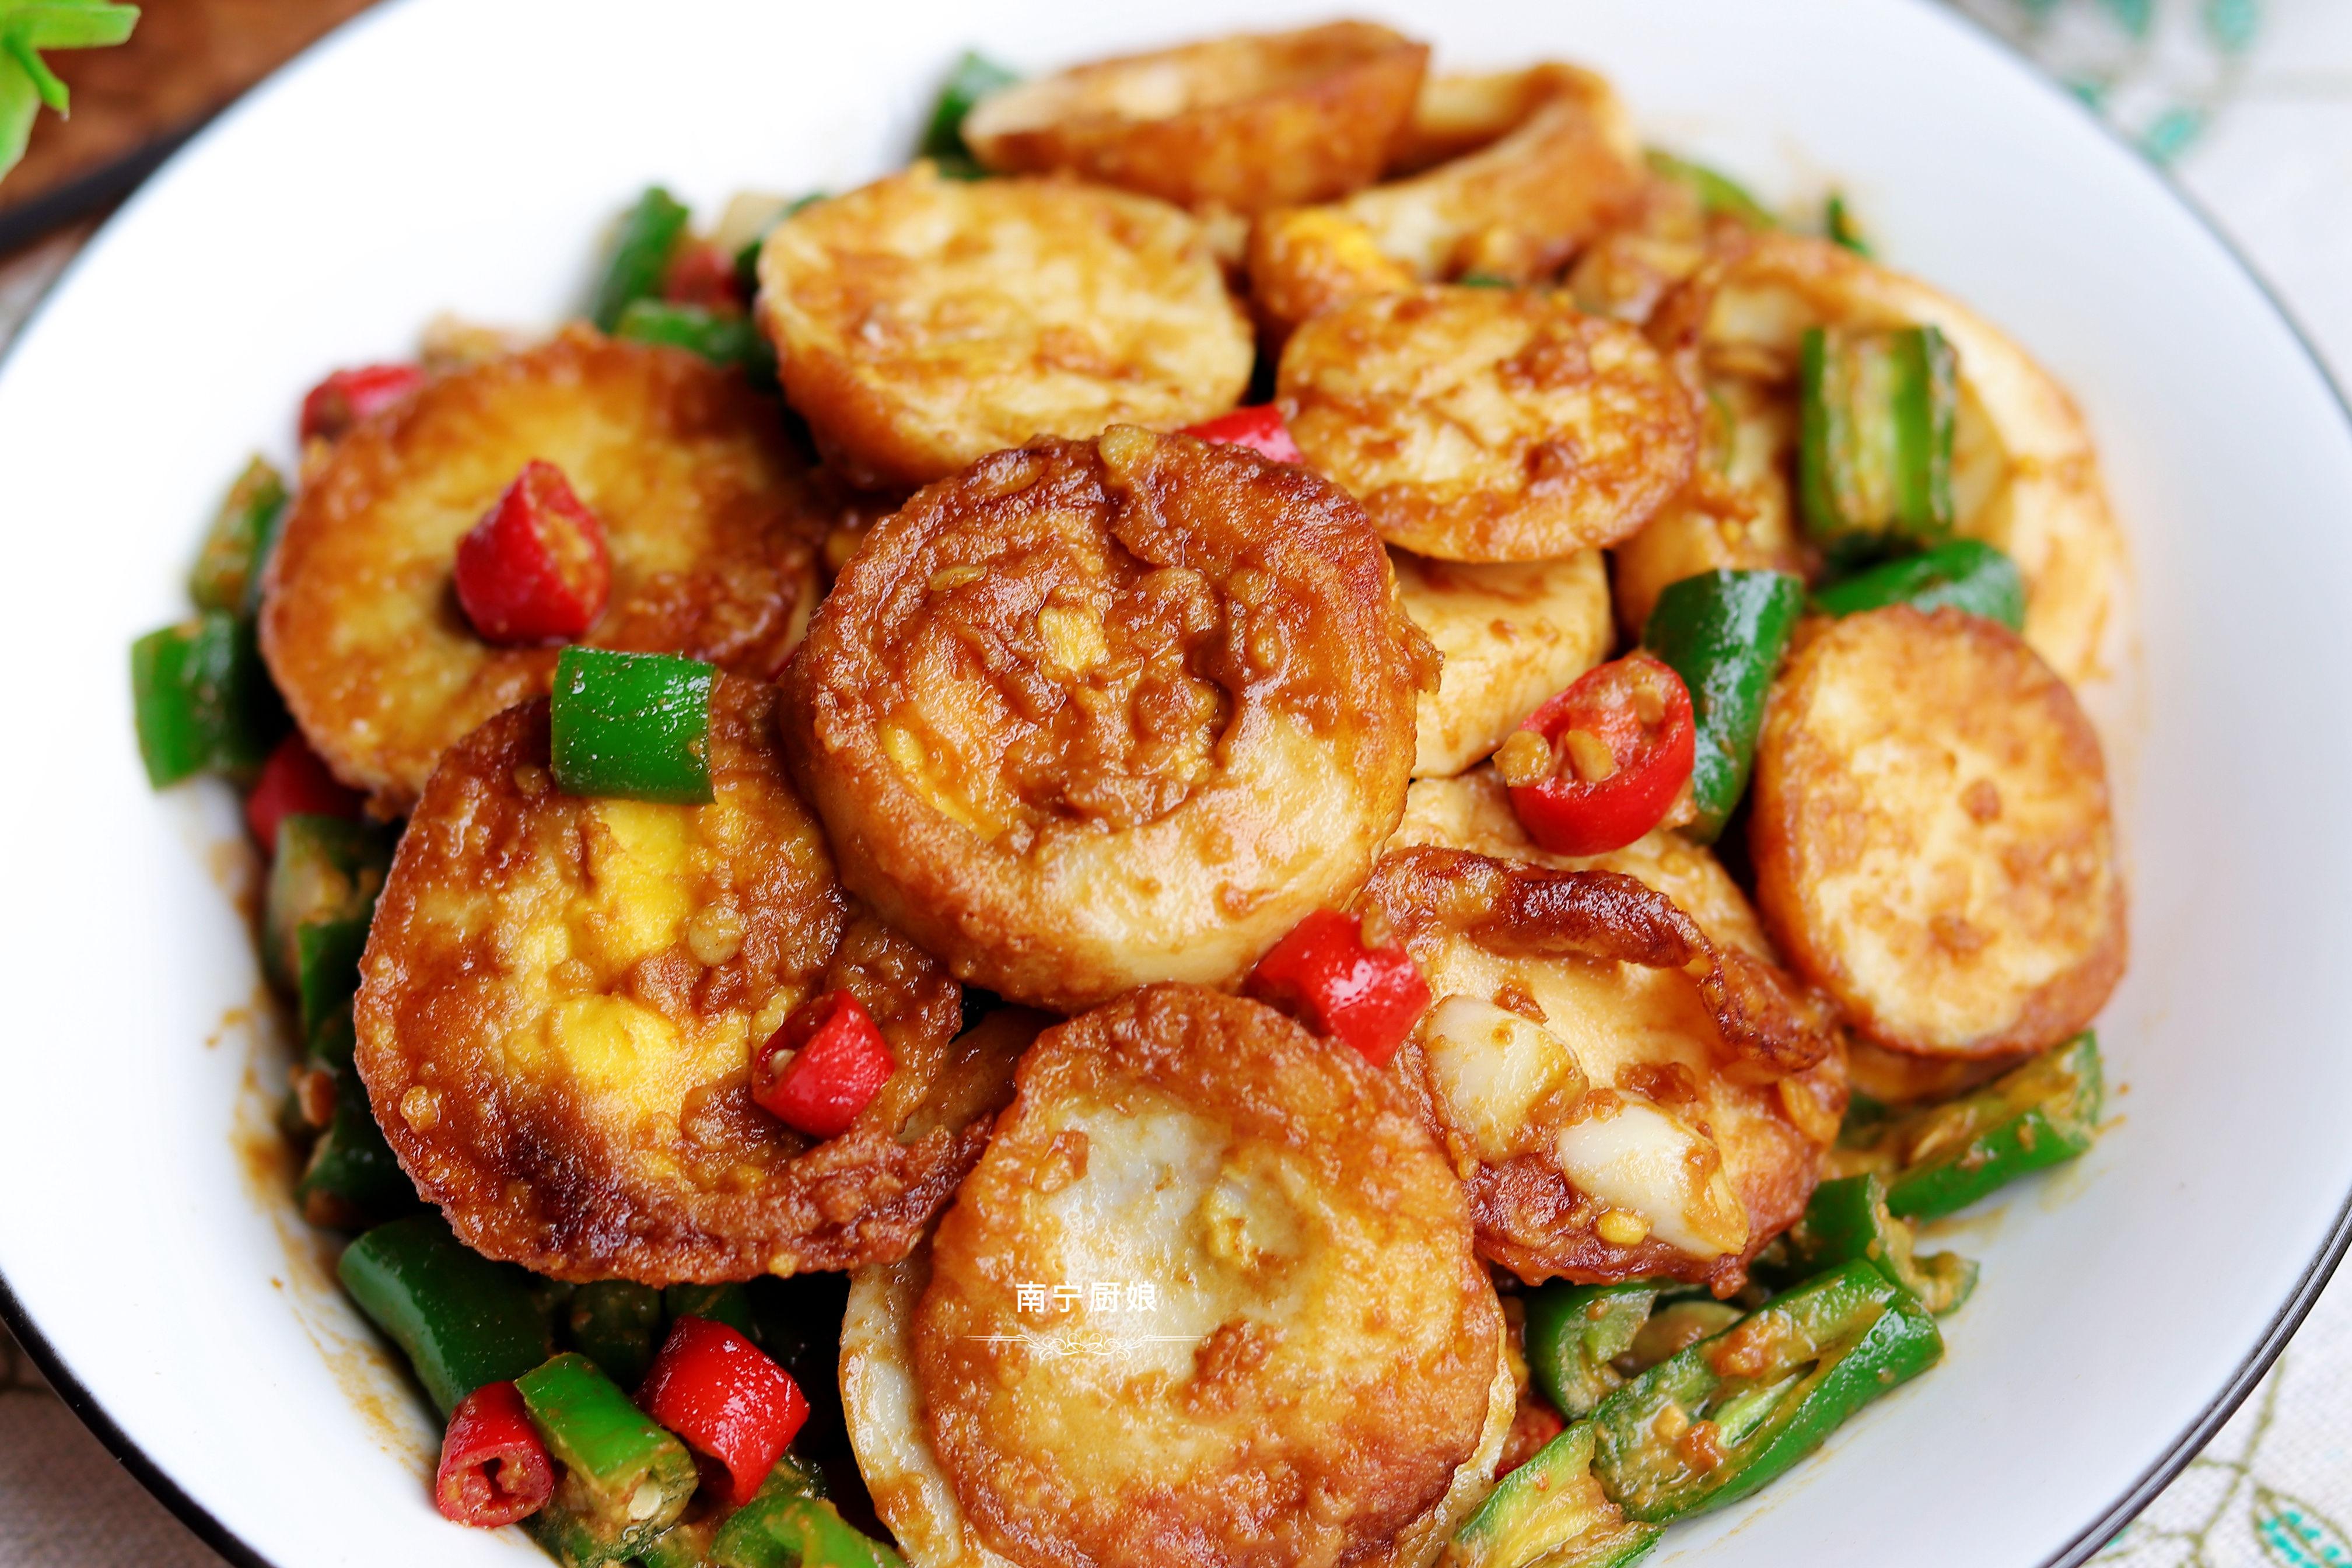 辣椒炒蛋又有新做法,外焦里嫩,香辣下飯,比傳統做法好吃10倍